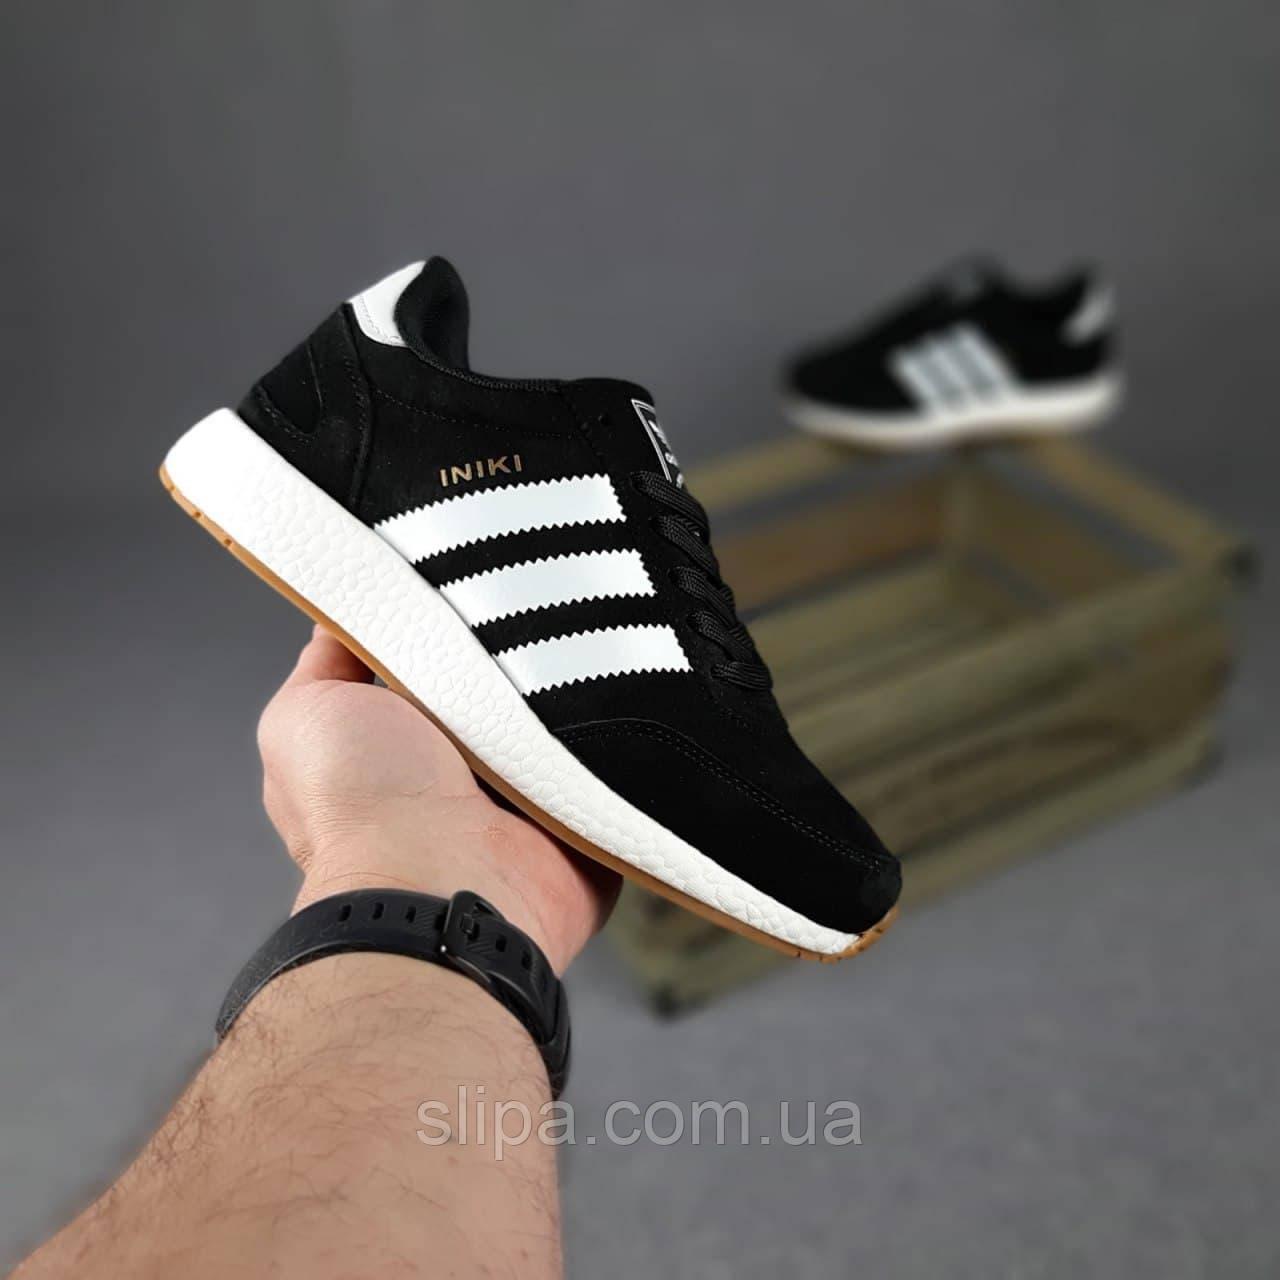 Женские замшевые кроссовки в стиле Adidas INIKI чёрные с белым